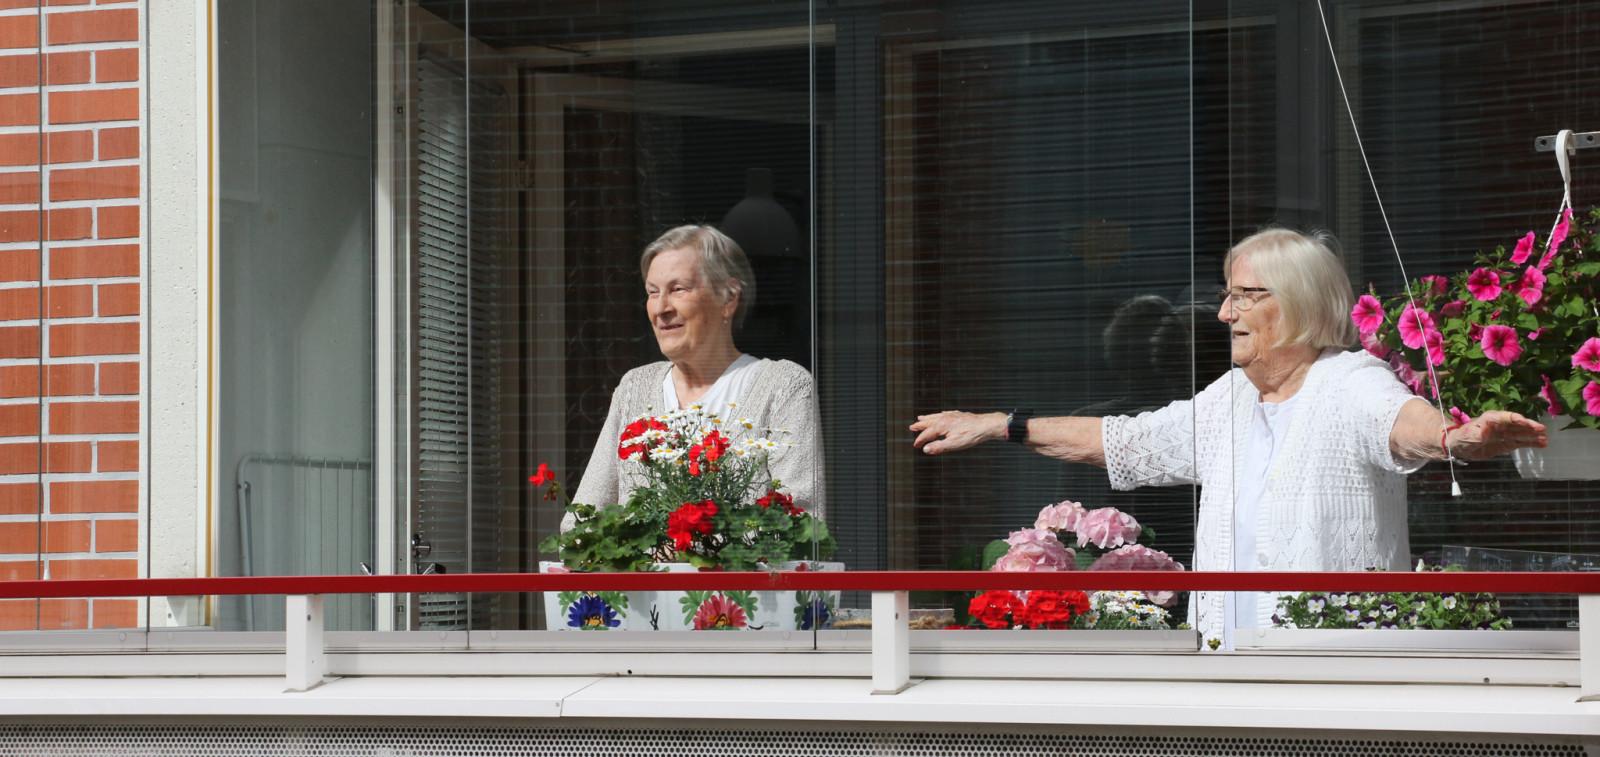 Kaksi vanhaa naista seisovat parvekkeella ja jumppaavat.